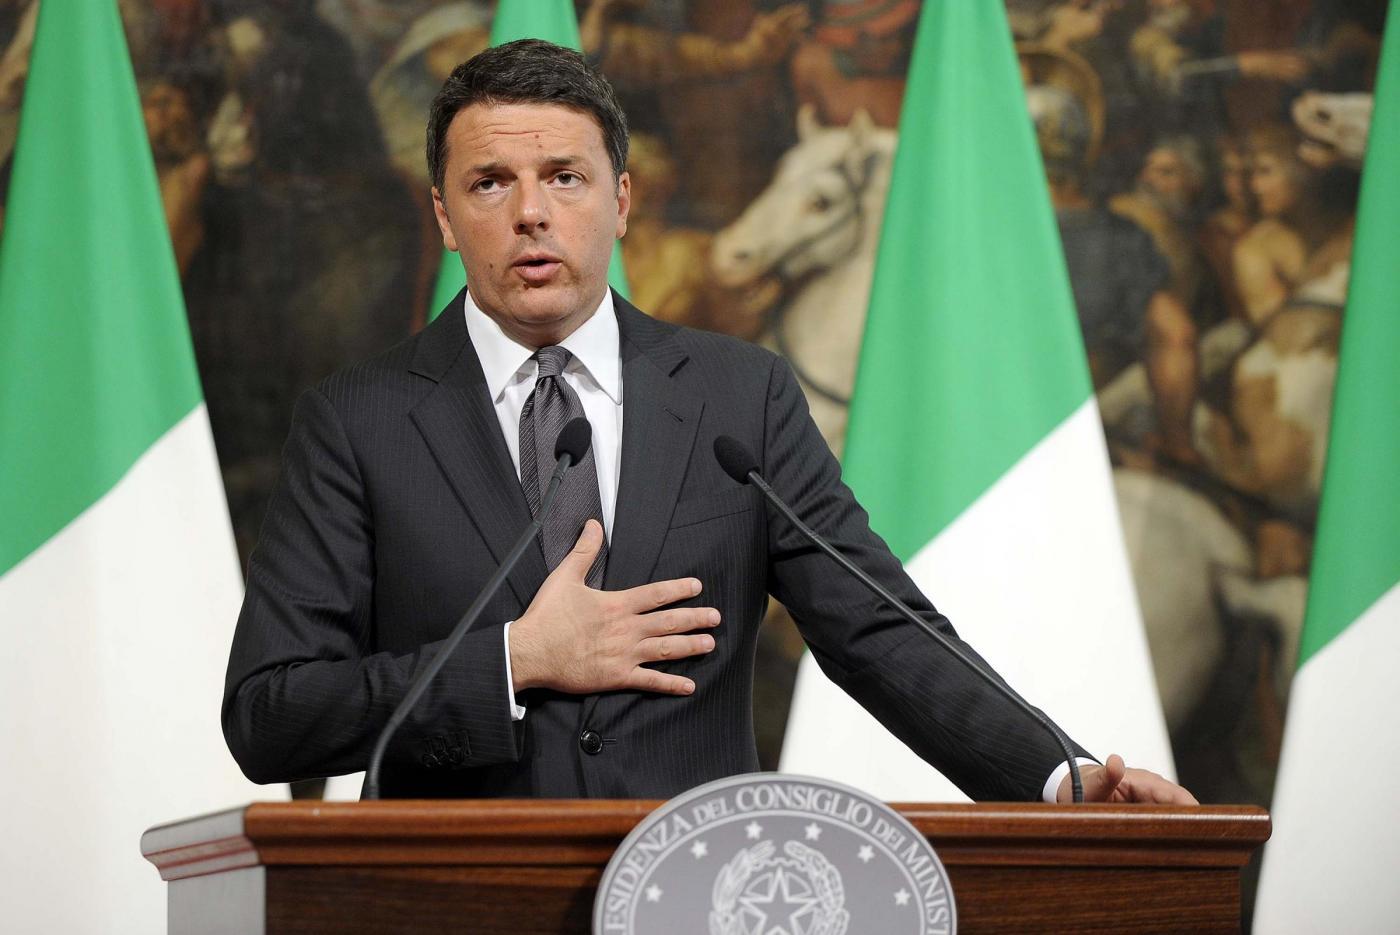 Terremoto in Centro Italia, Renzi chiede unità politica: 'Ricostruiremo tutto'